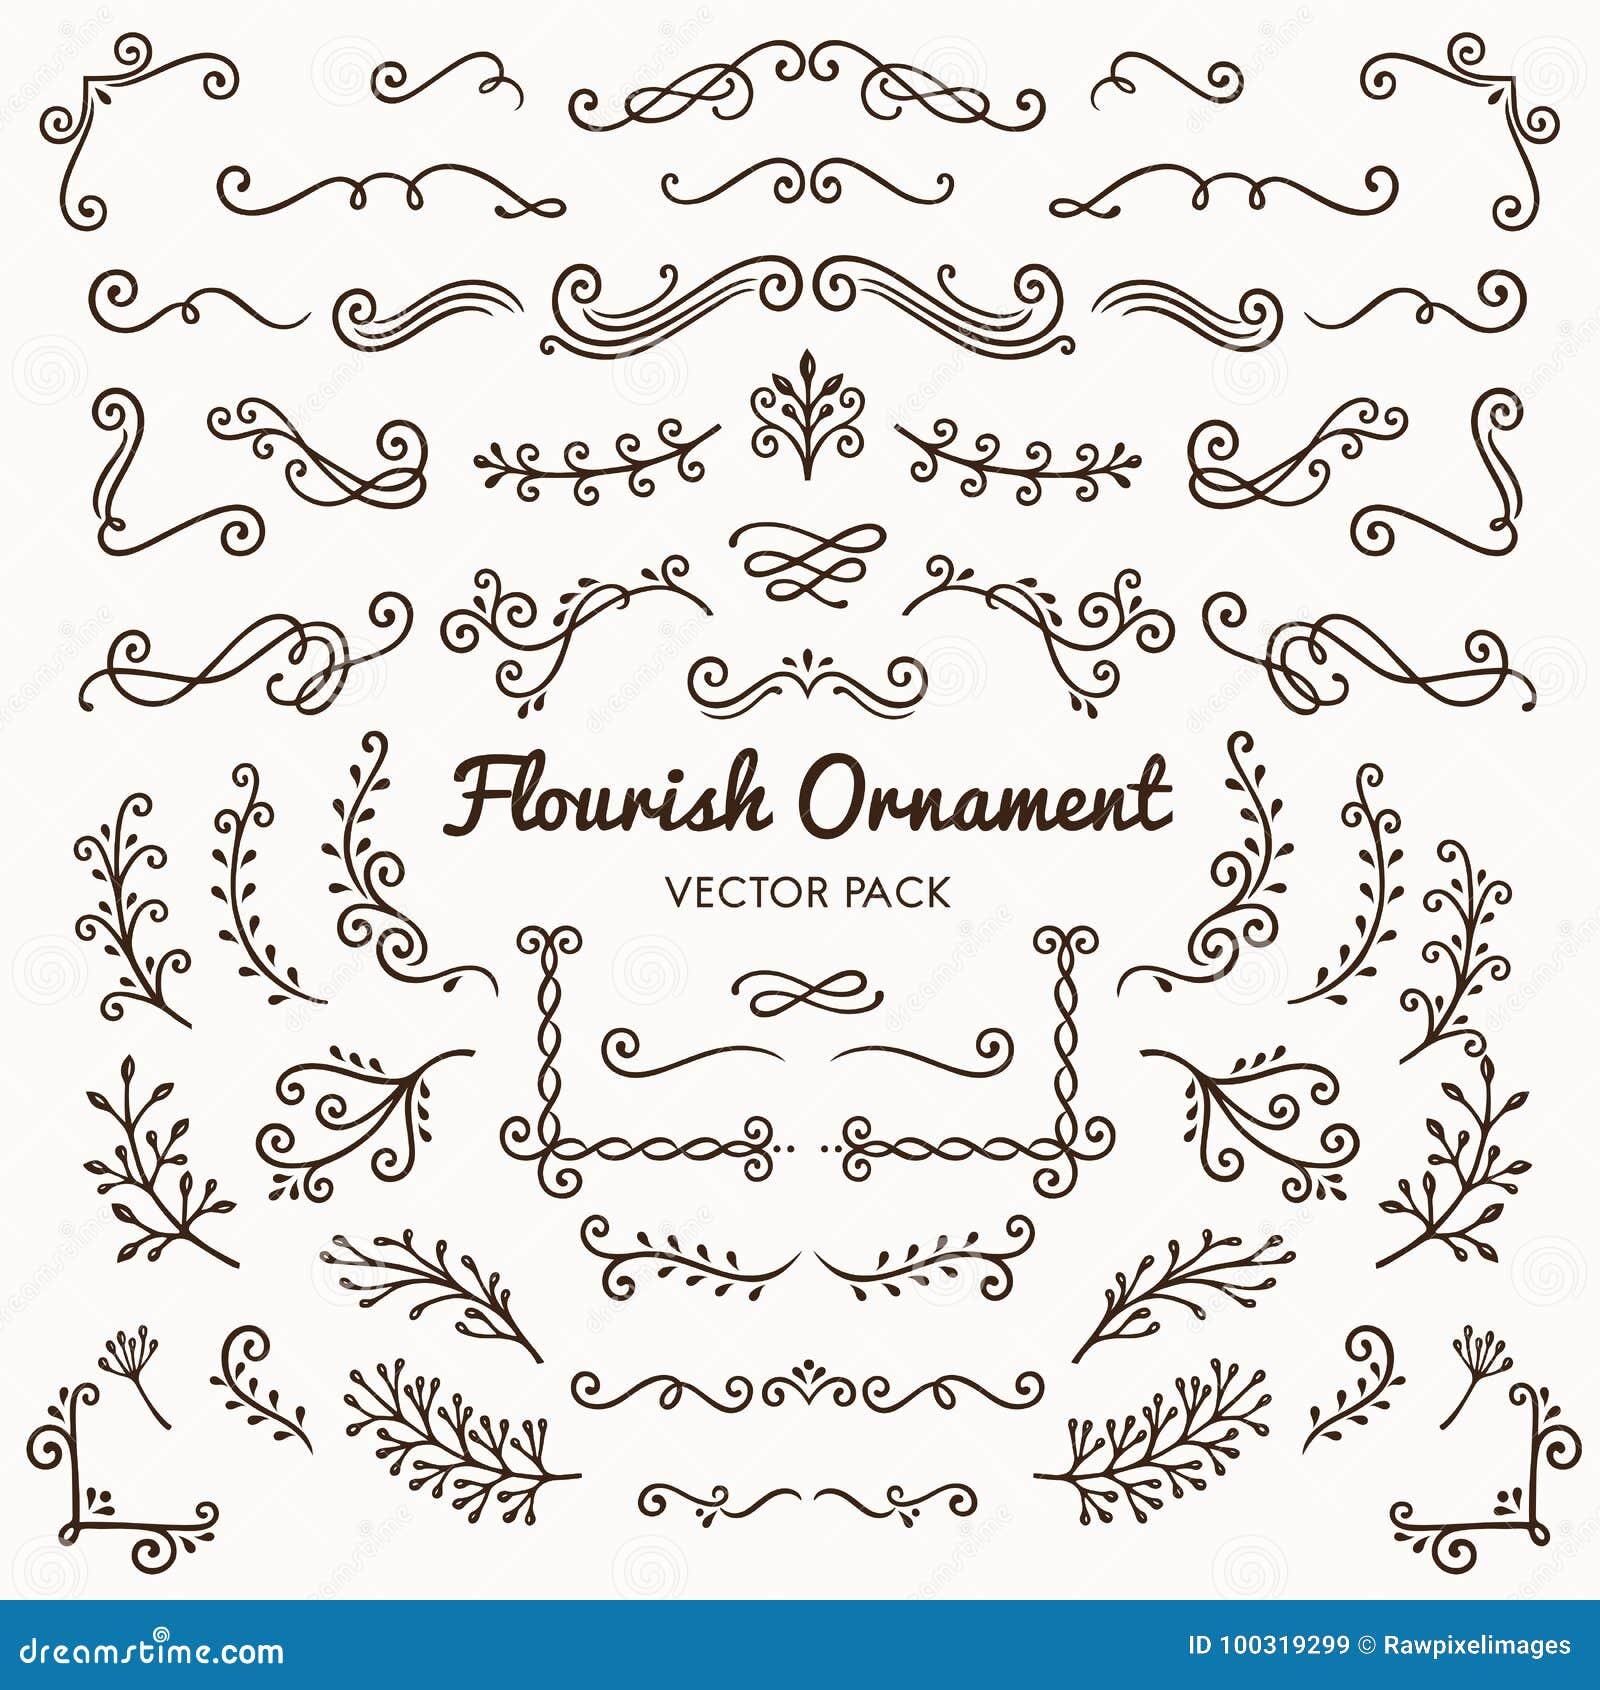 Illus determinado del diseño de los ornamentos del Flourish del vector caligráfico de los elementos